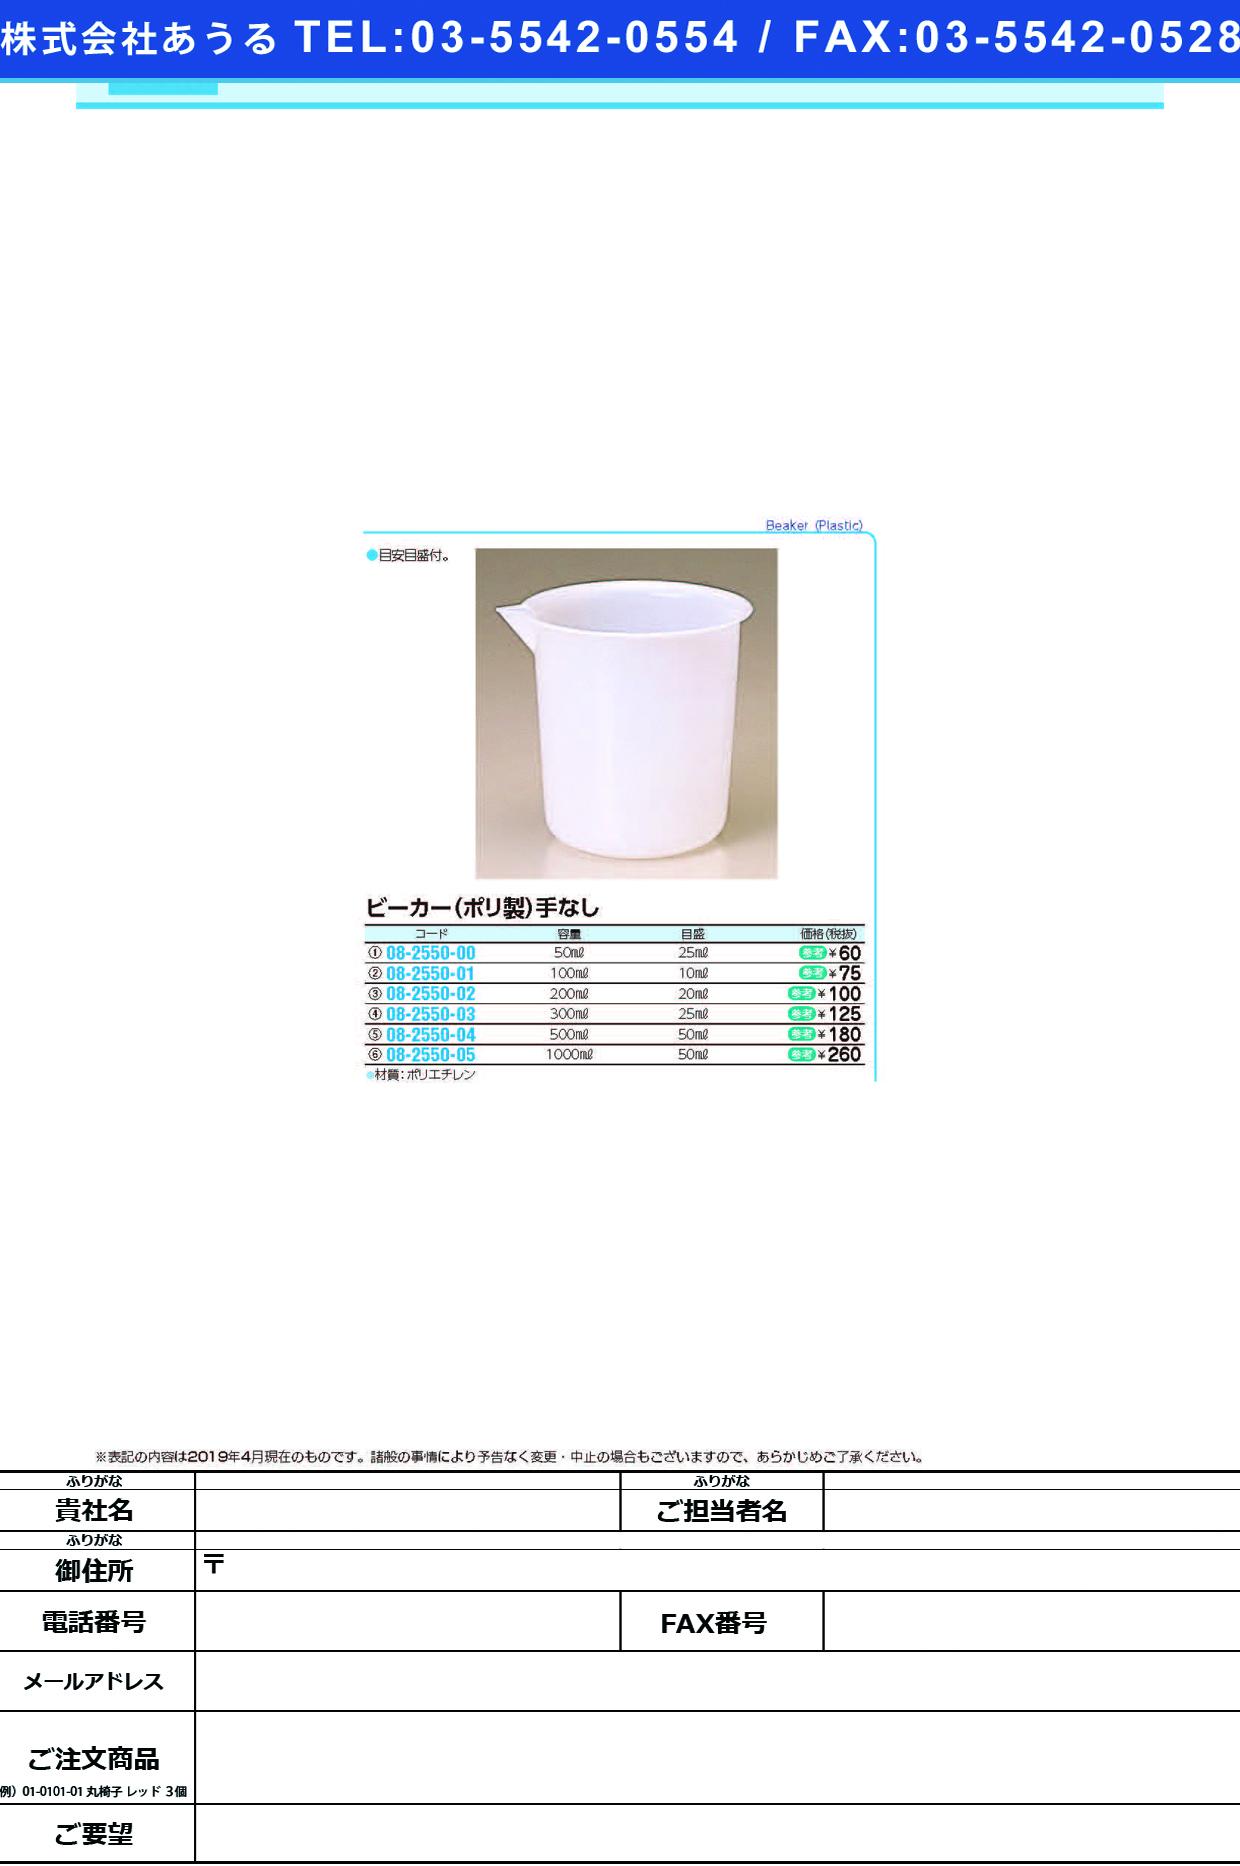 (08-2550-01)ビーカー(PE製)手なし 100CC ビーカー(PEセイ)テナシ【1個単位】【2019年カタログ商品】